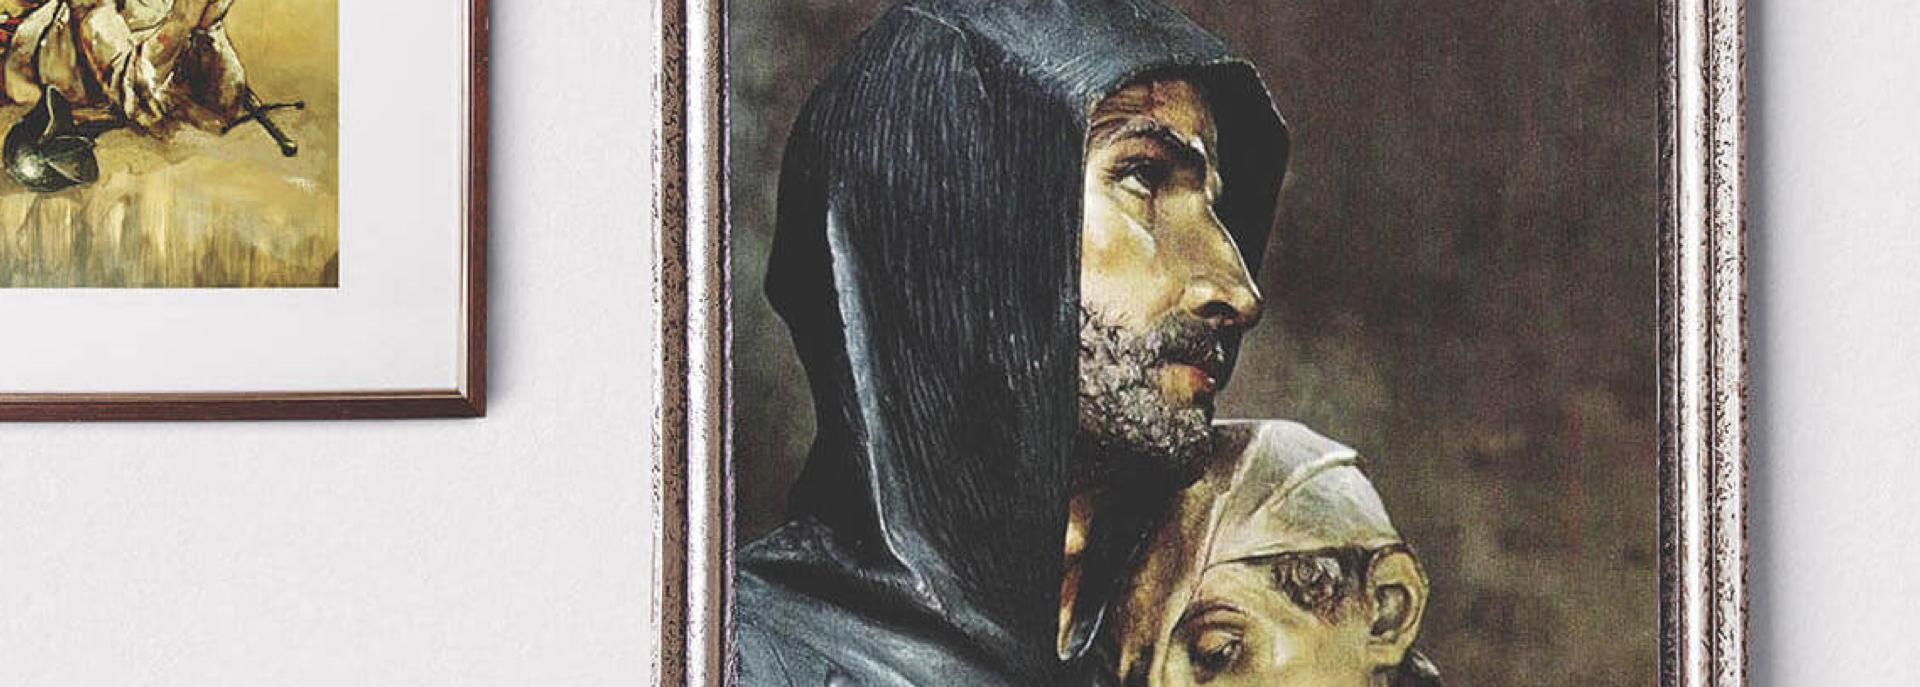 Solennità di San Giovanni di Dio: il messaggio del nostro Superiore Provinciale